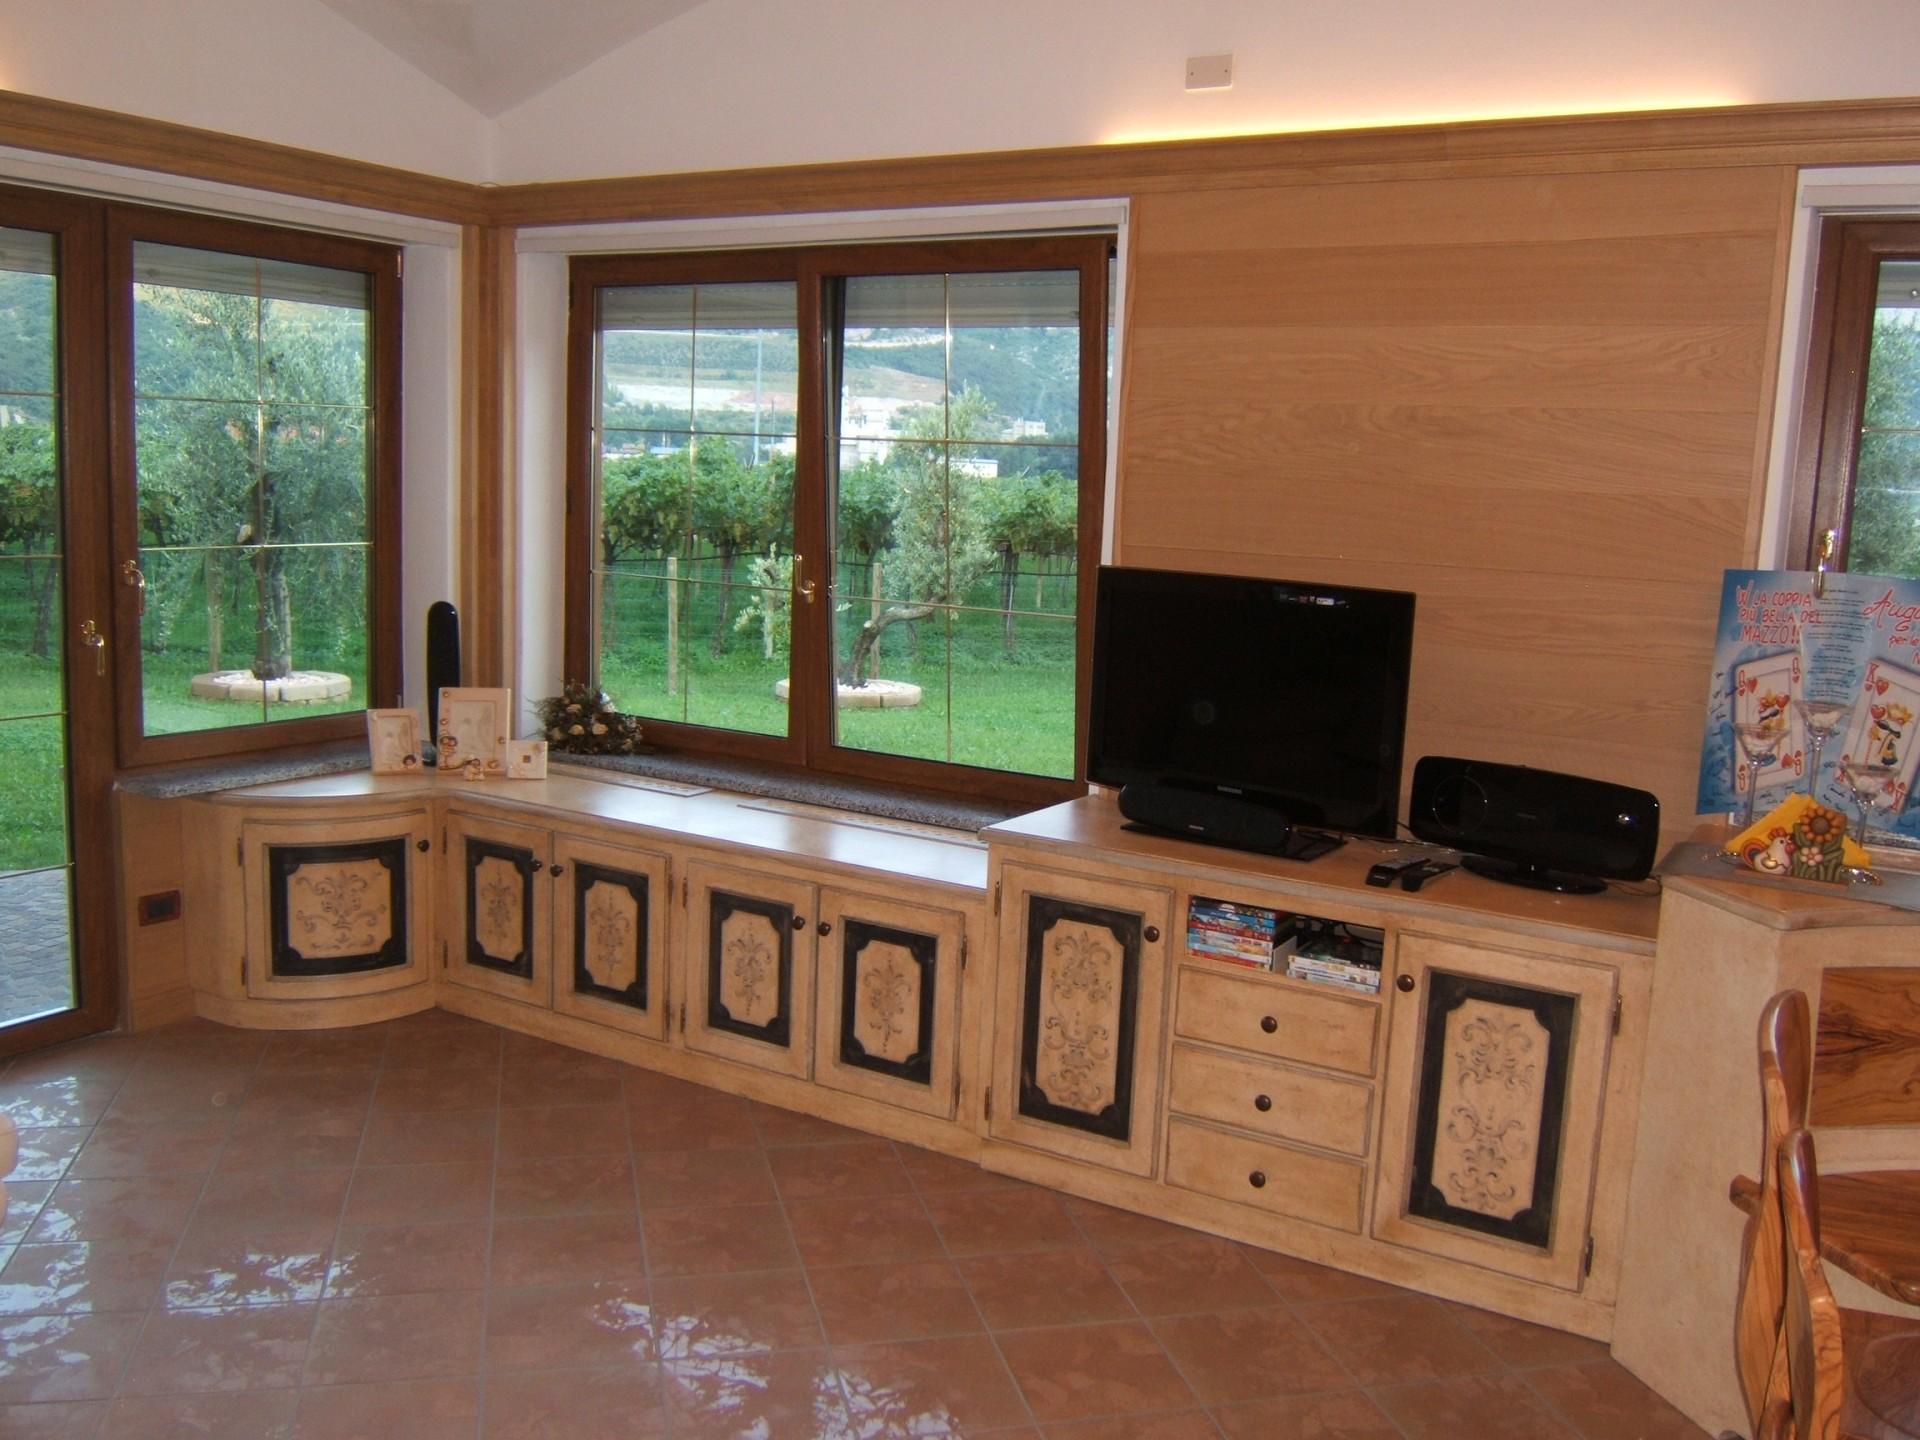 Progettazione arredamenti su misura fadini mobili cerea for Mobili per la sala